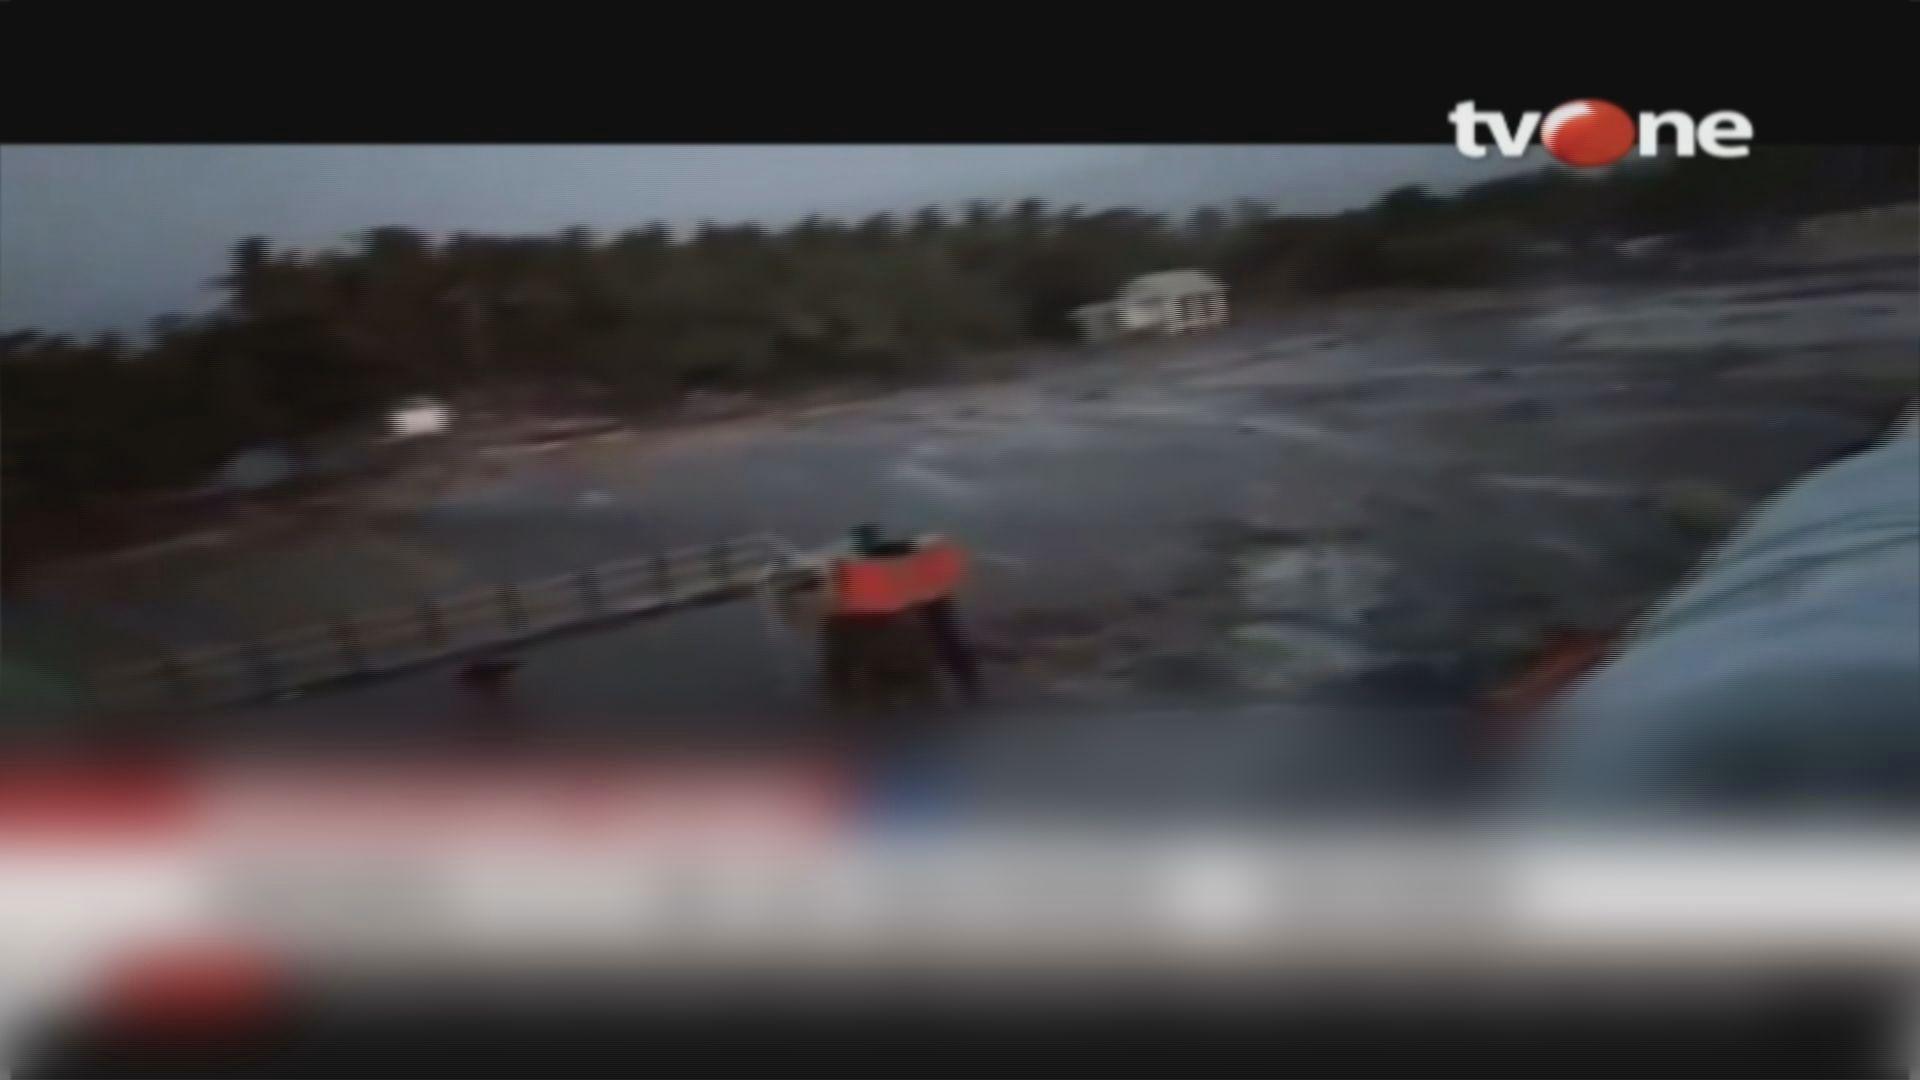 印尼地震引發海嘯侵襲沿岸村落